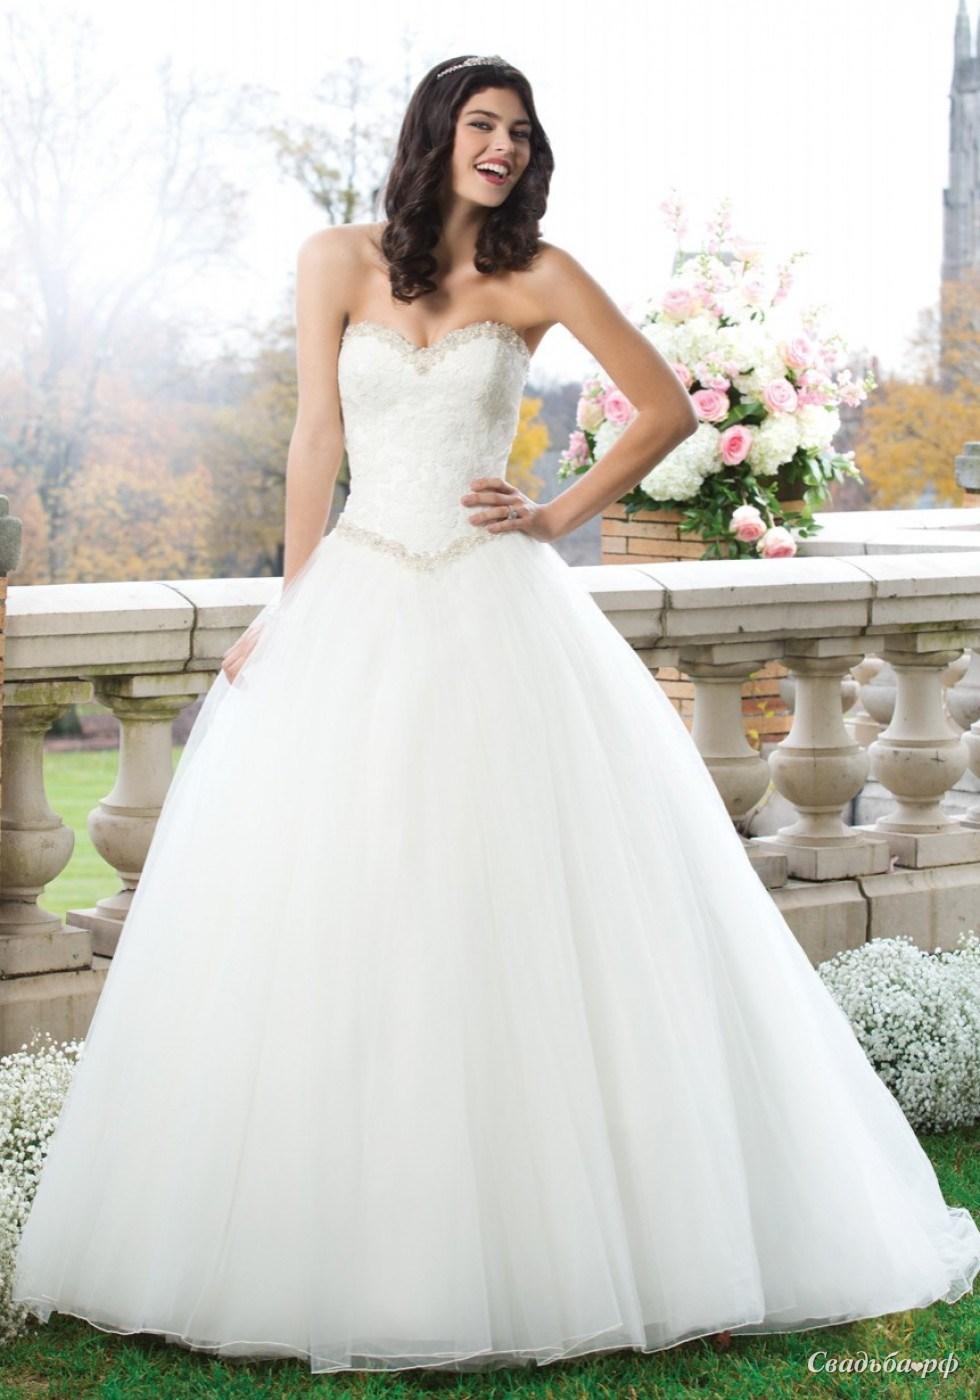 Хочу на весілля дуже дуже пишного плаття допоможіть мені фото 4 фотография